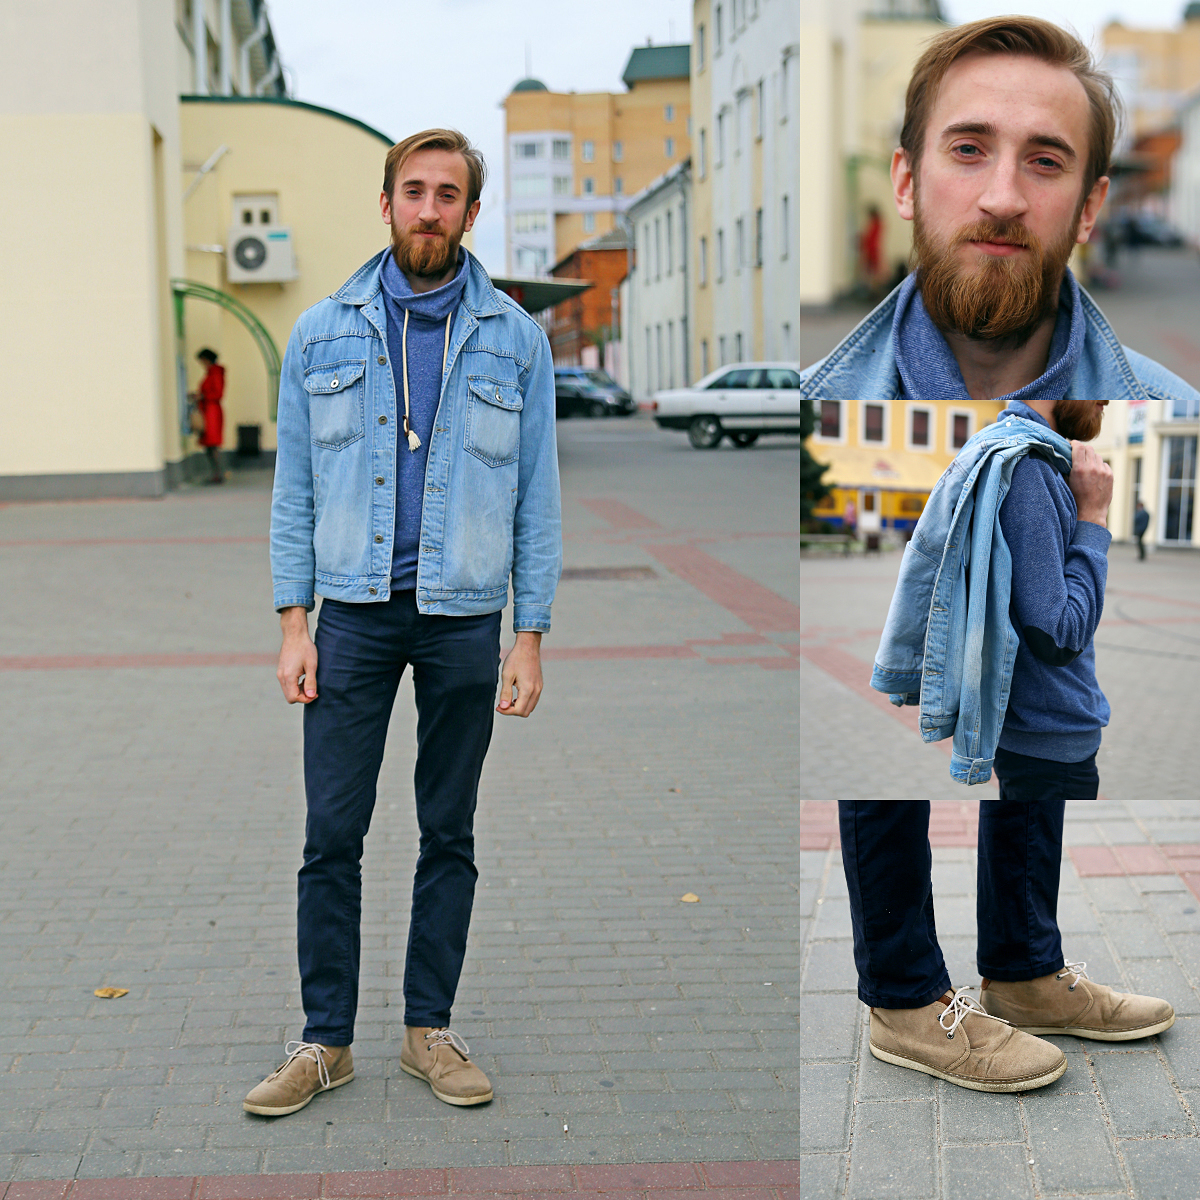 Роман. Фото: Евгений ТИХАНОВИЧ